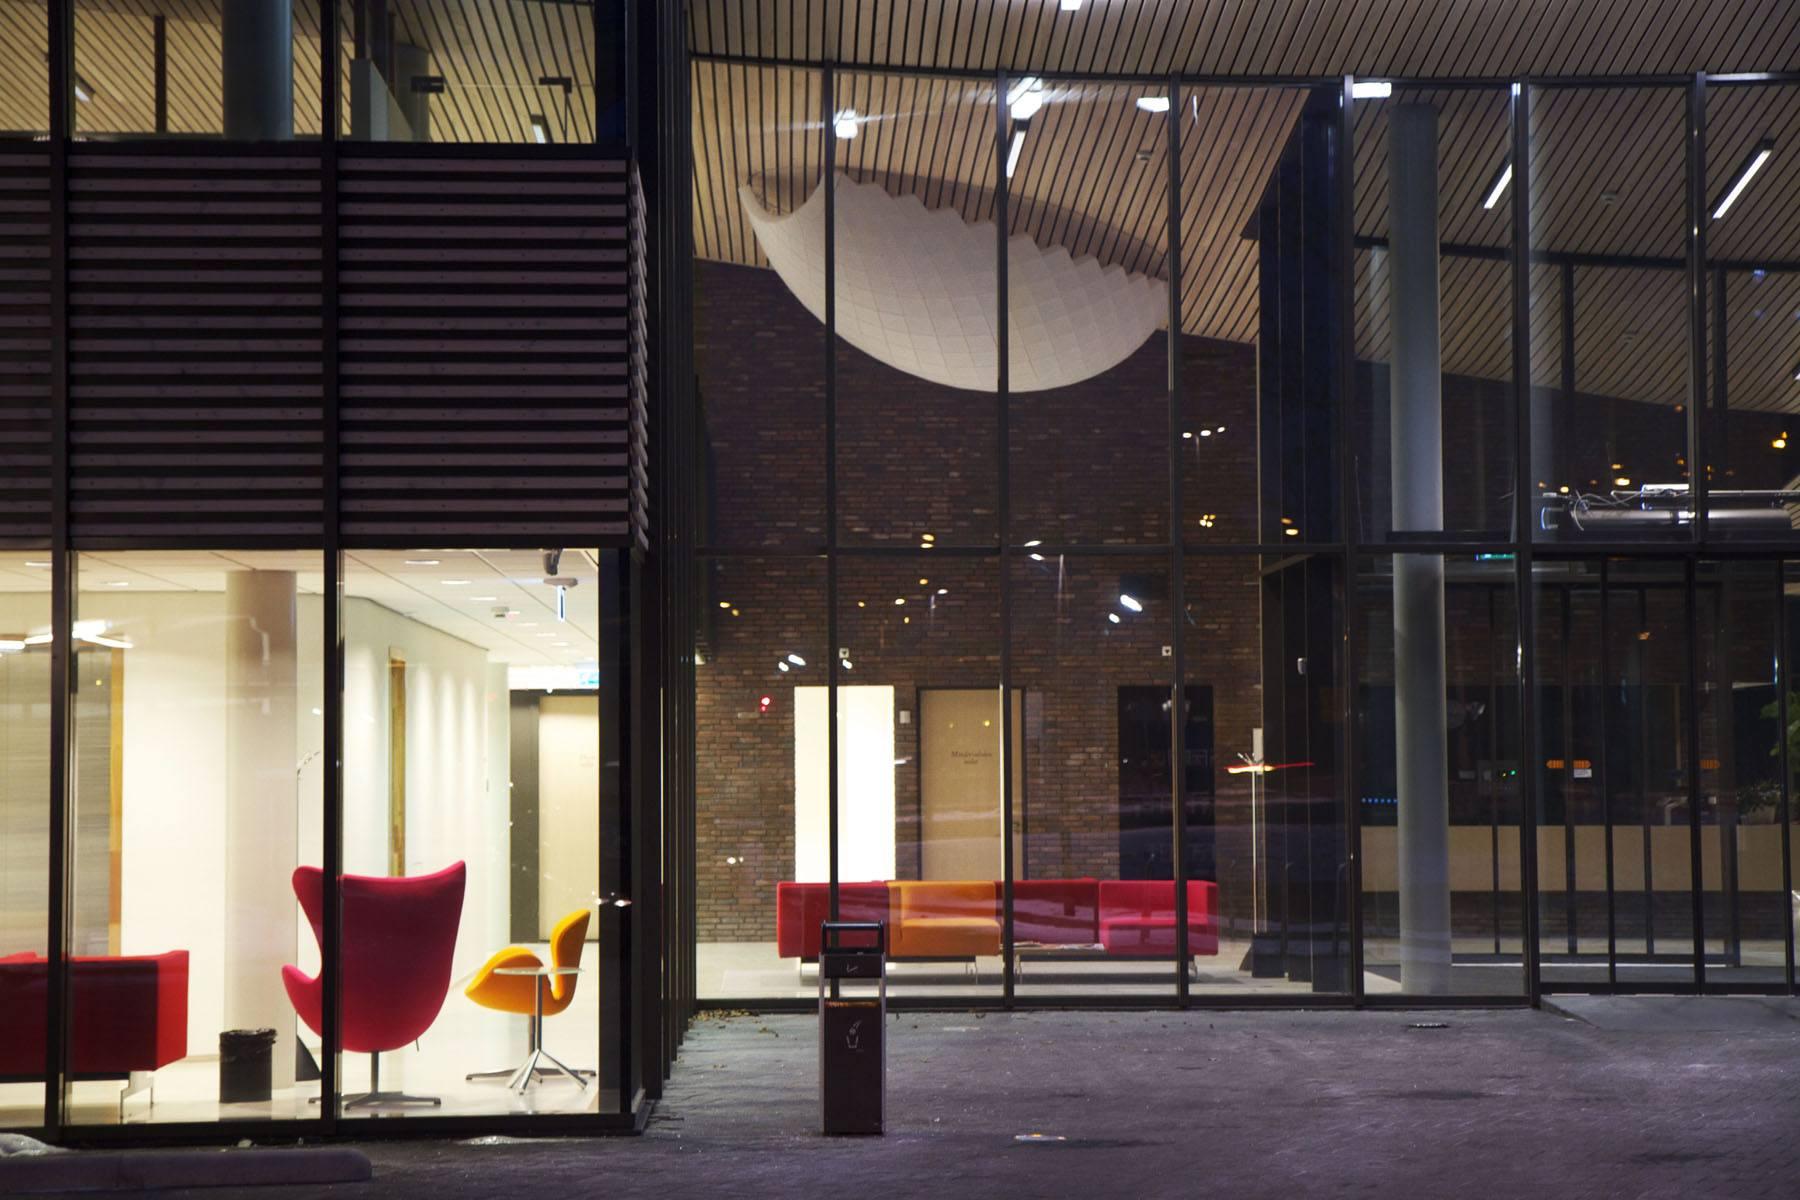 Den Bosch / Instituut Verbeeten / 2012 - Lichtkunstwerk